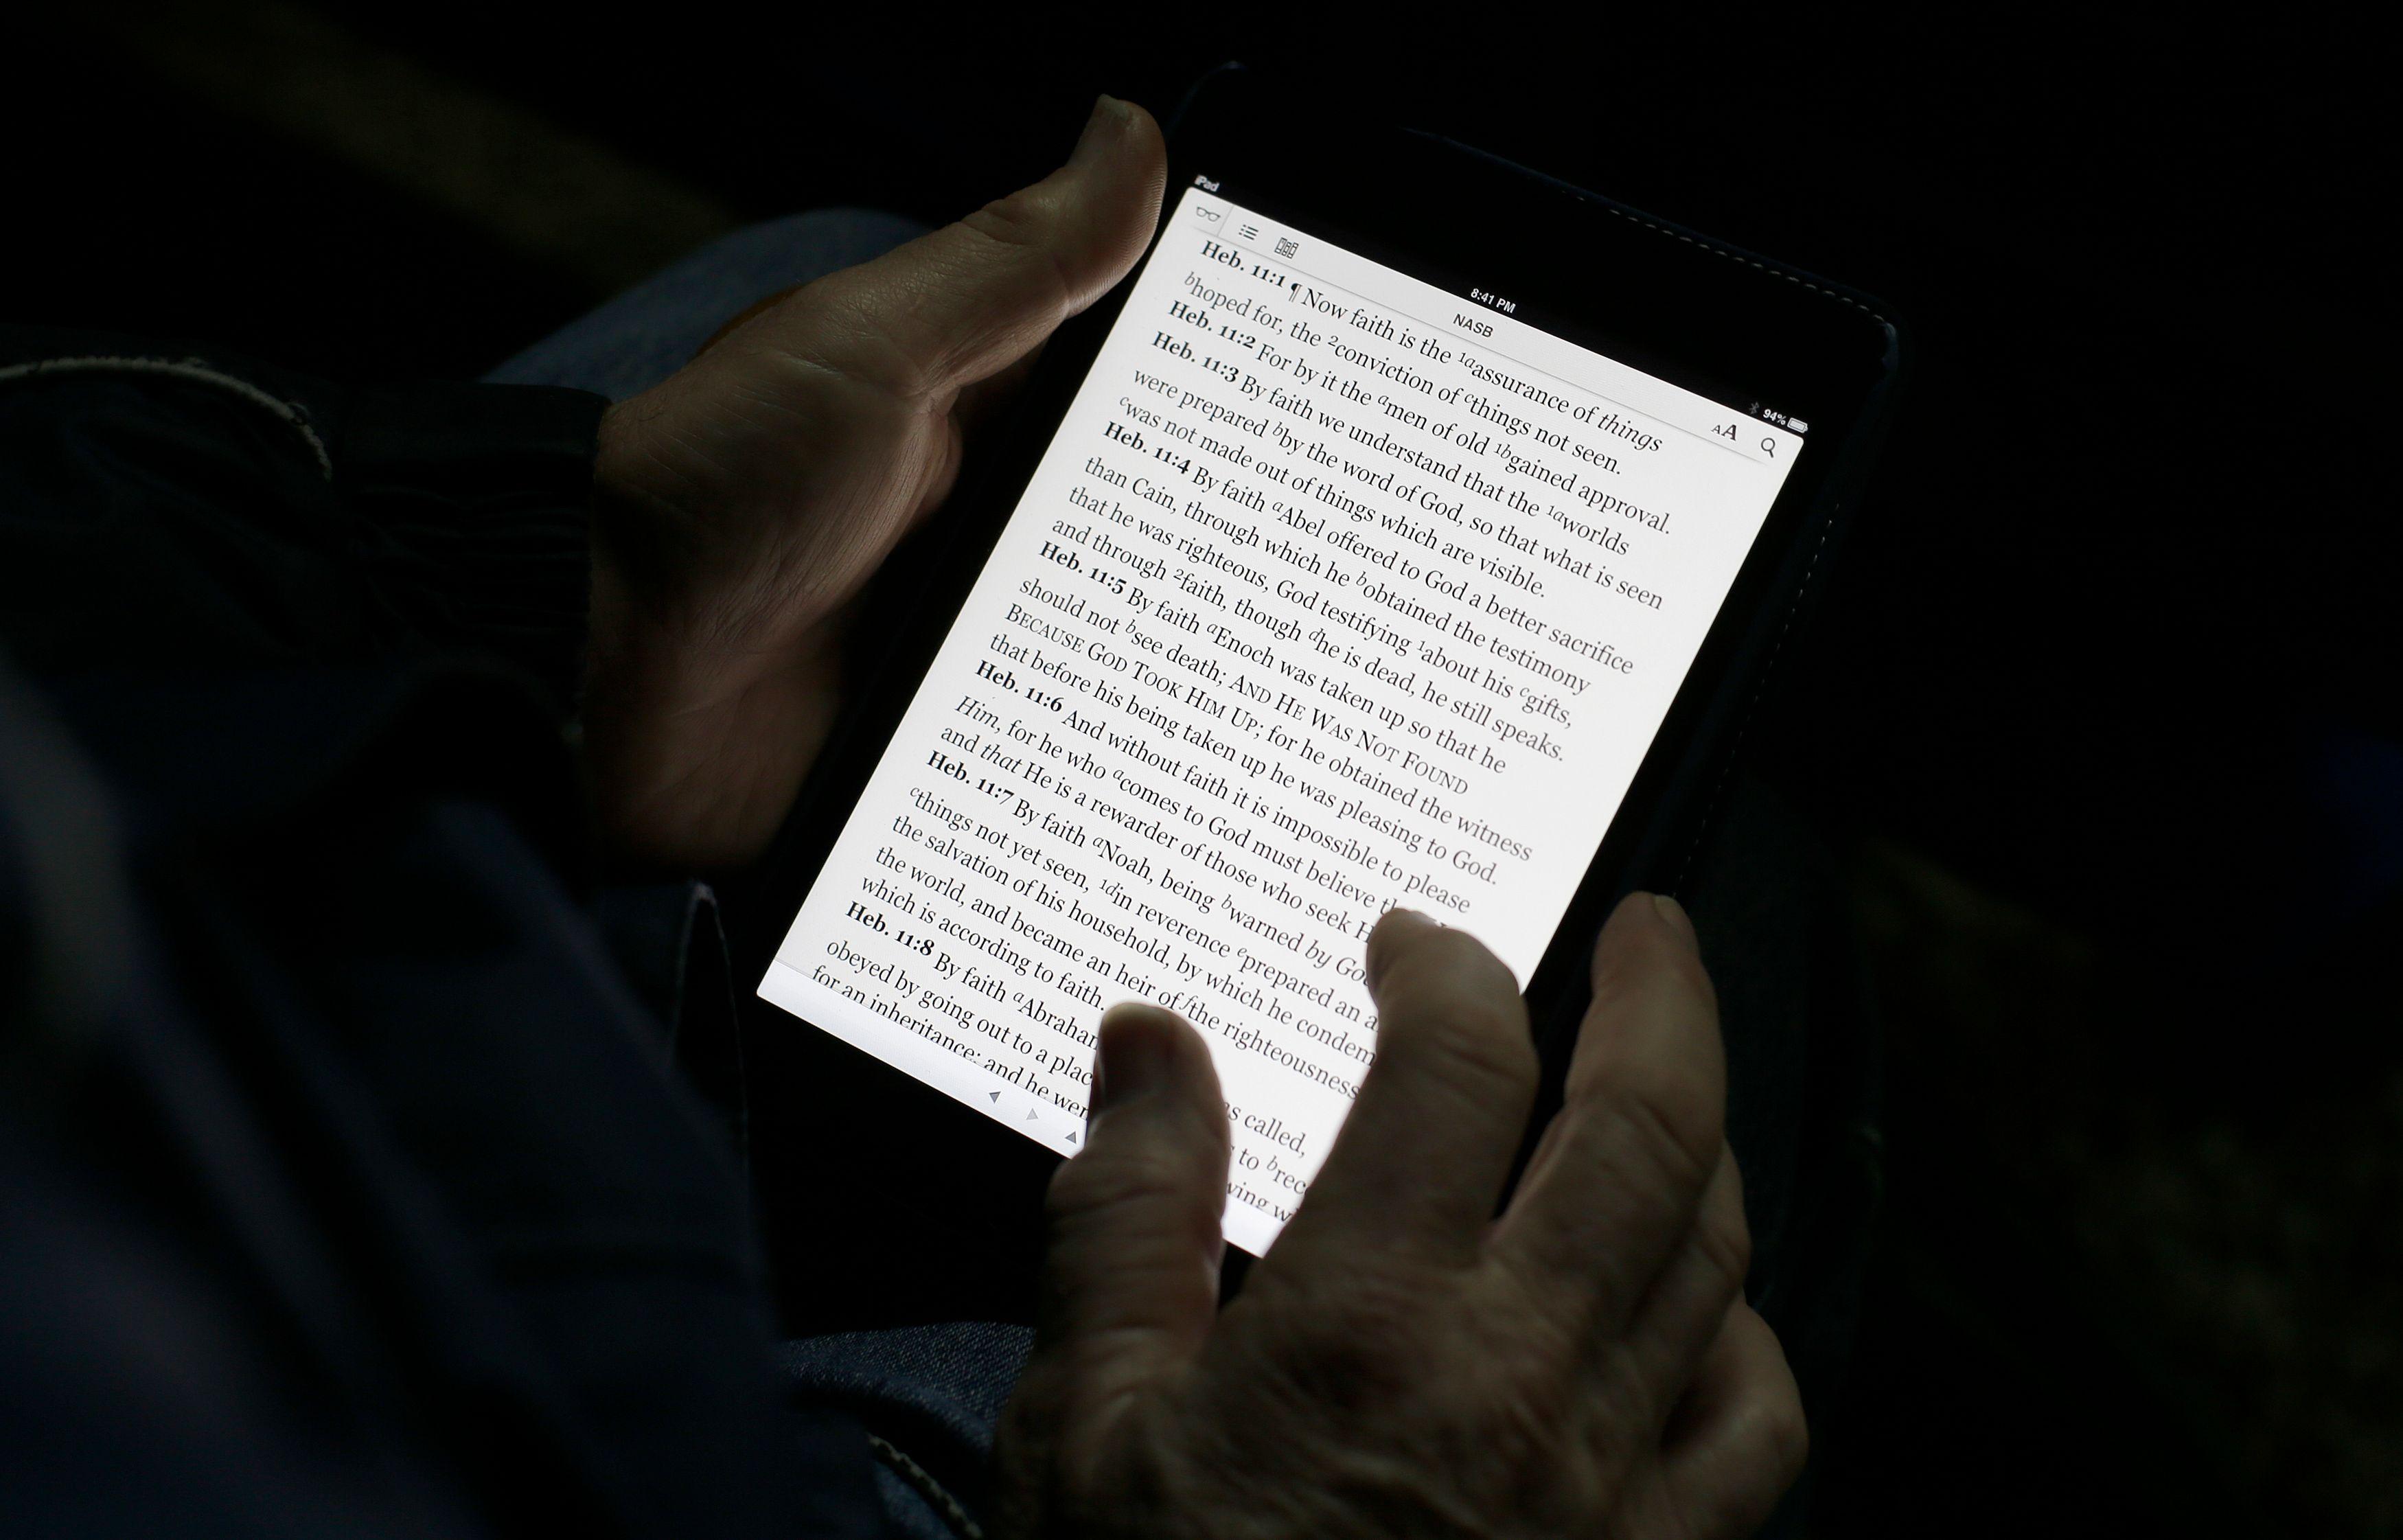 Oyster, ou le Netfix du livre, est une toute jeune plateforme de lecture en ligne.